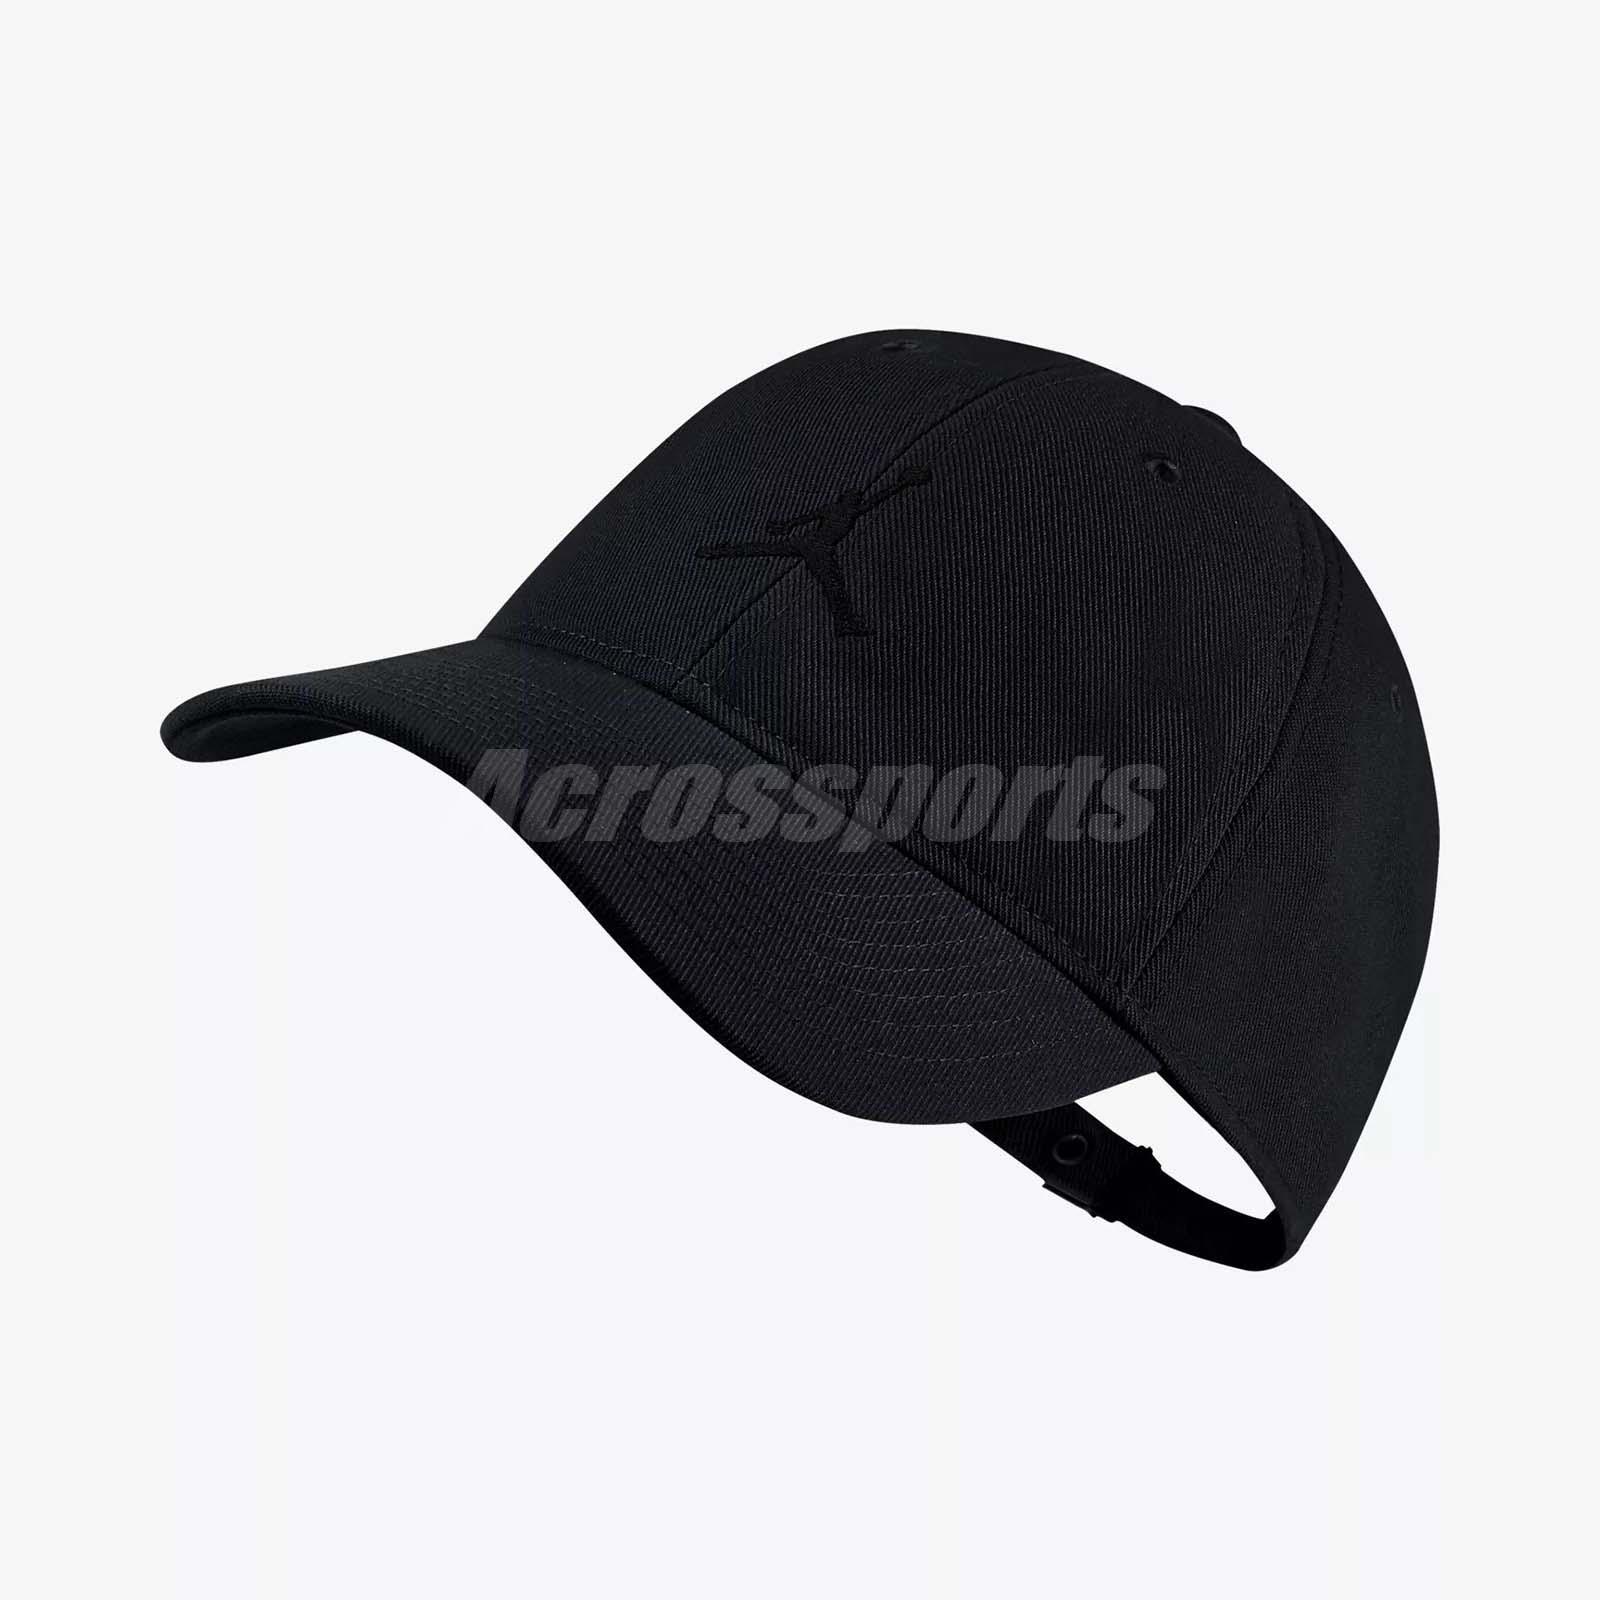 77e136a55a6d1 Details about Nike Jordan Jumpman Floppy H86 Adjustable Hat Cap Heritage  Gym Black 847143-010